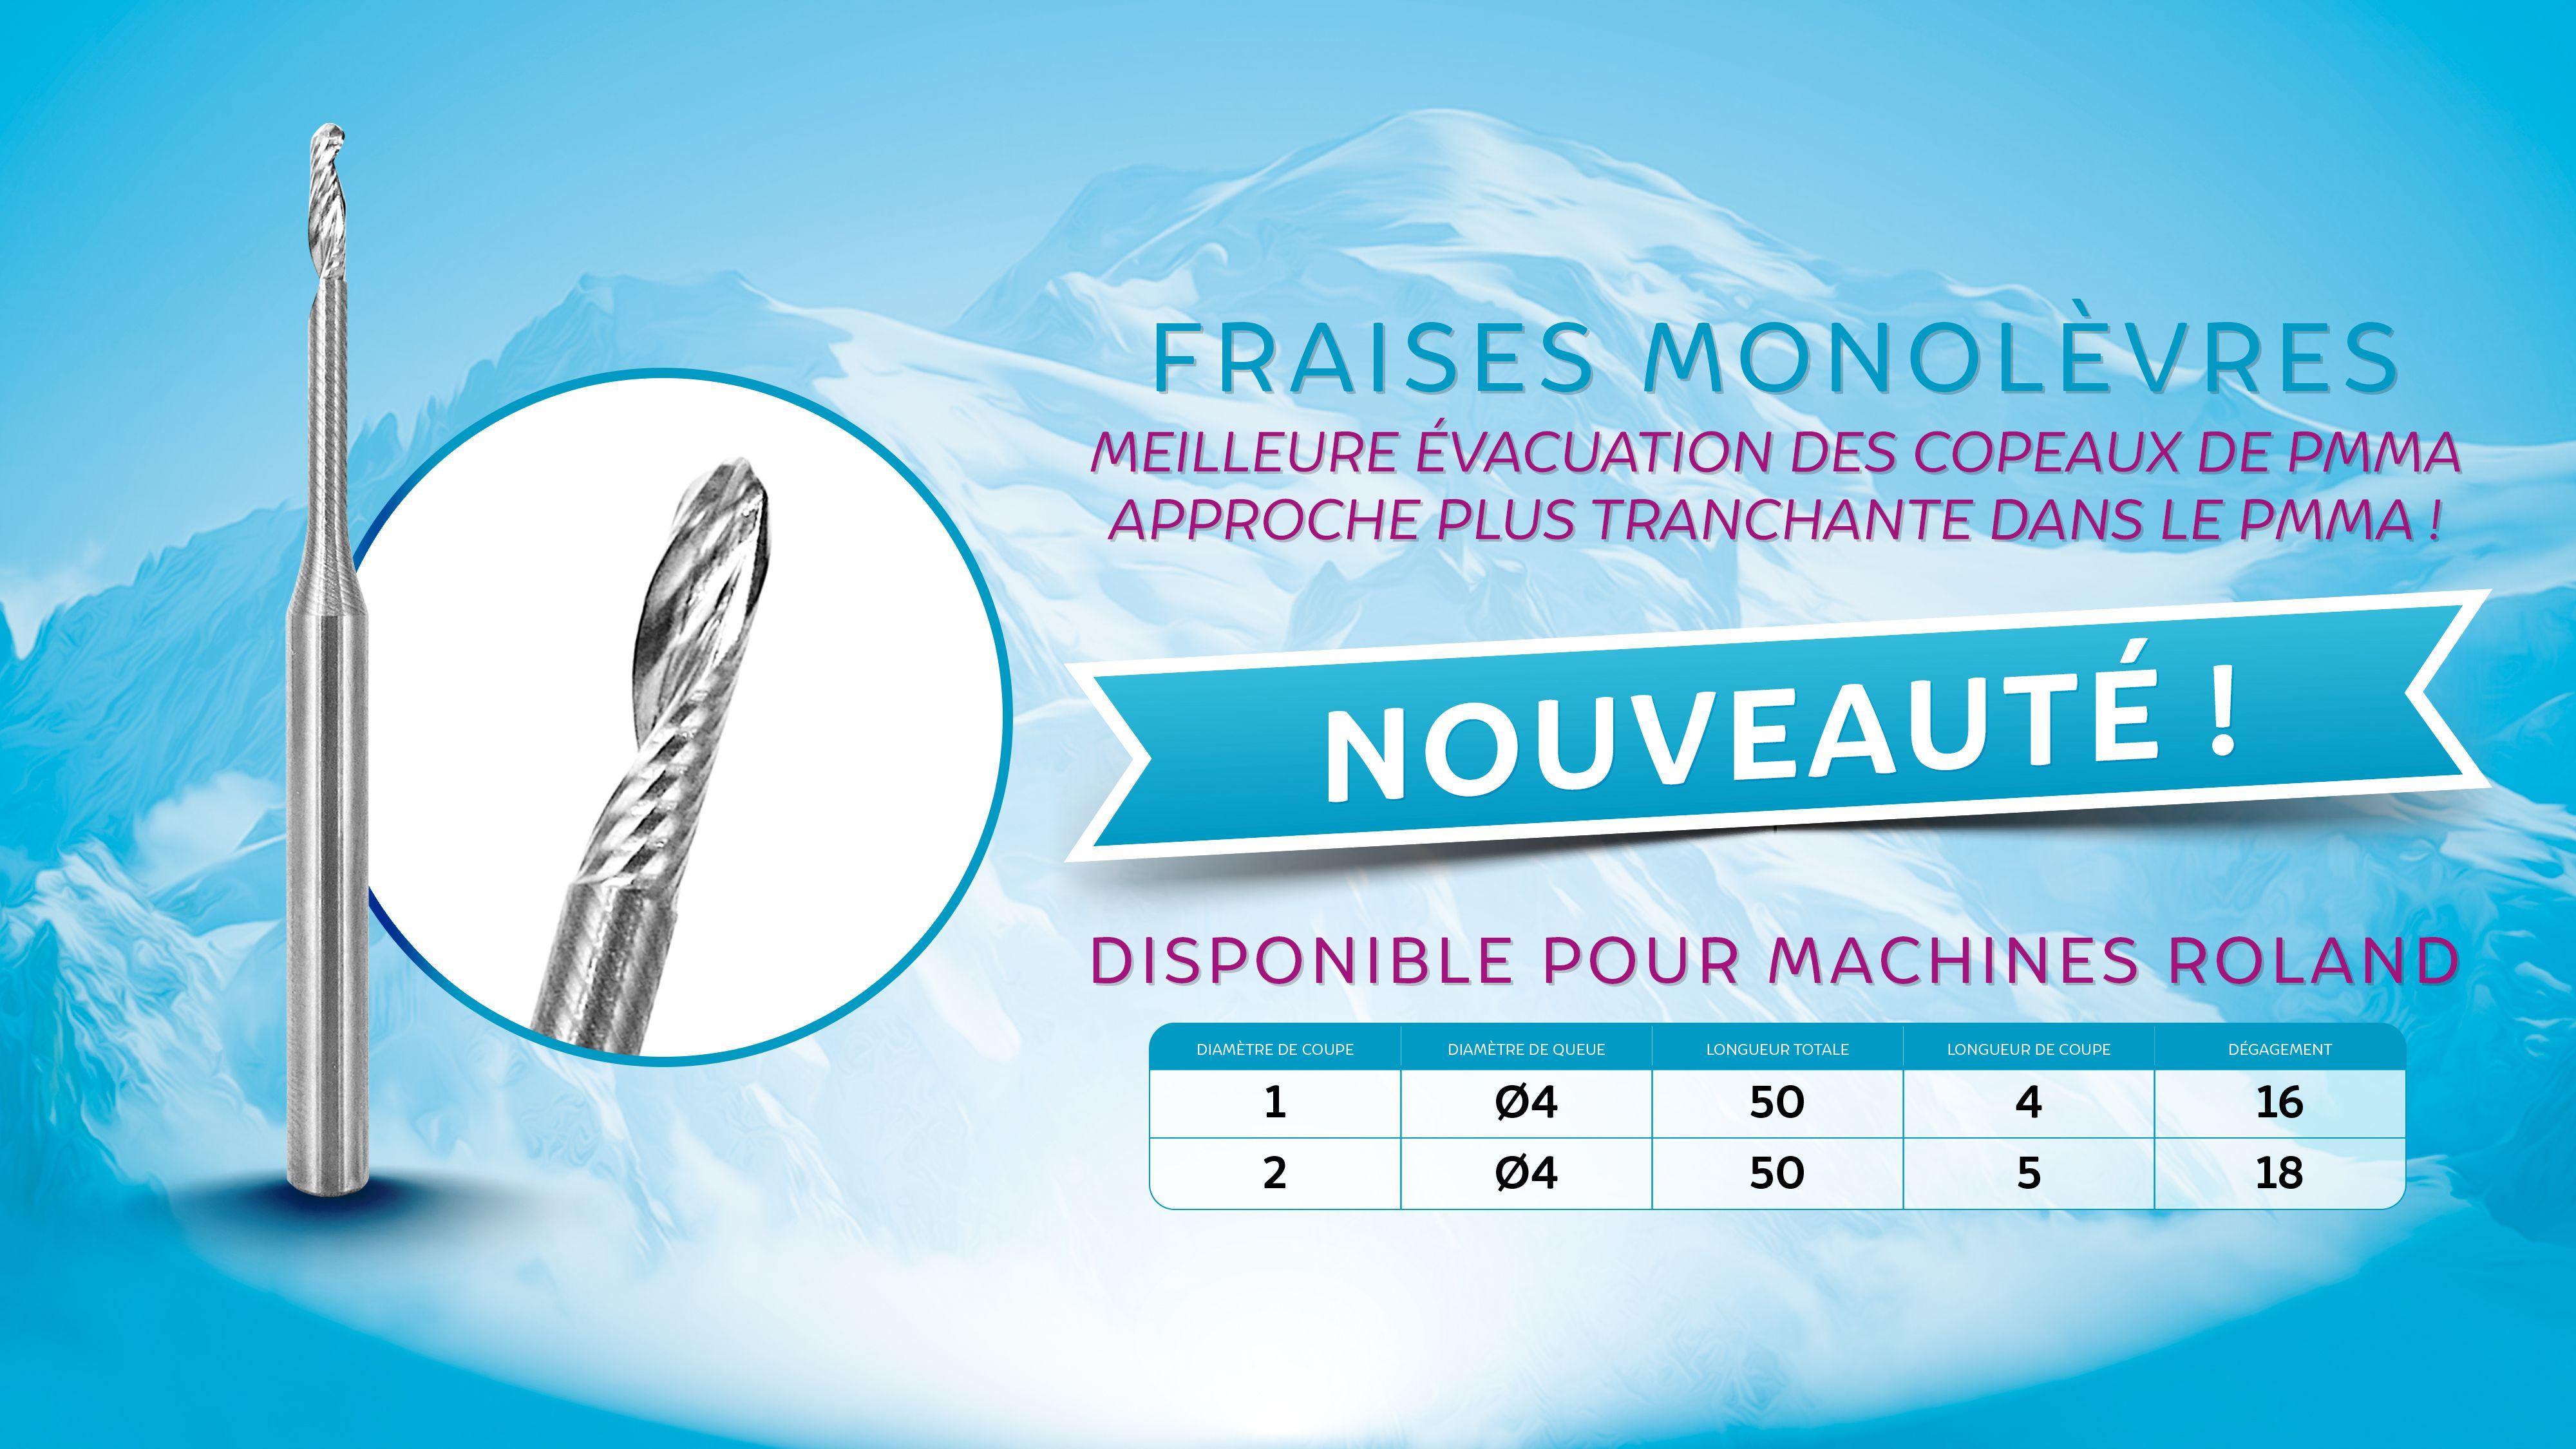 Precxis outils dentaires et medicaux - Nouvelle fraise CAD-CAM Monolèvres pour usineuses ROLAND